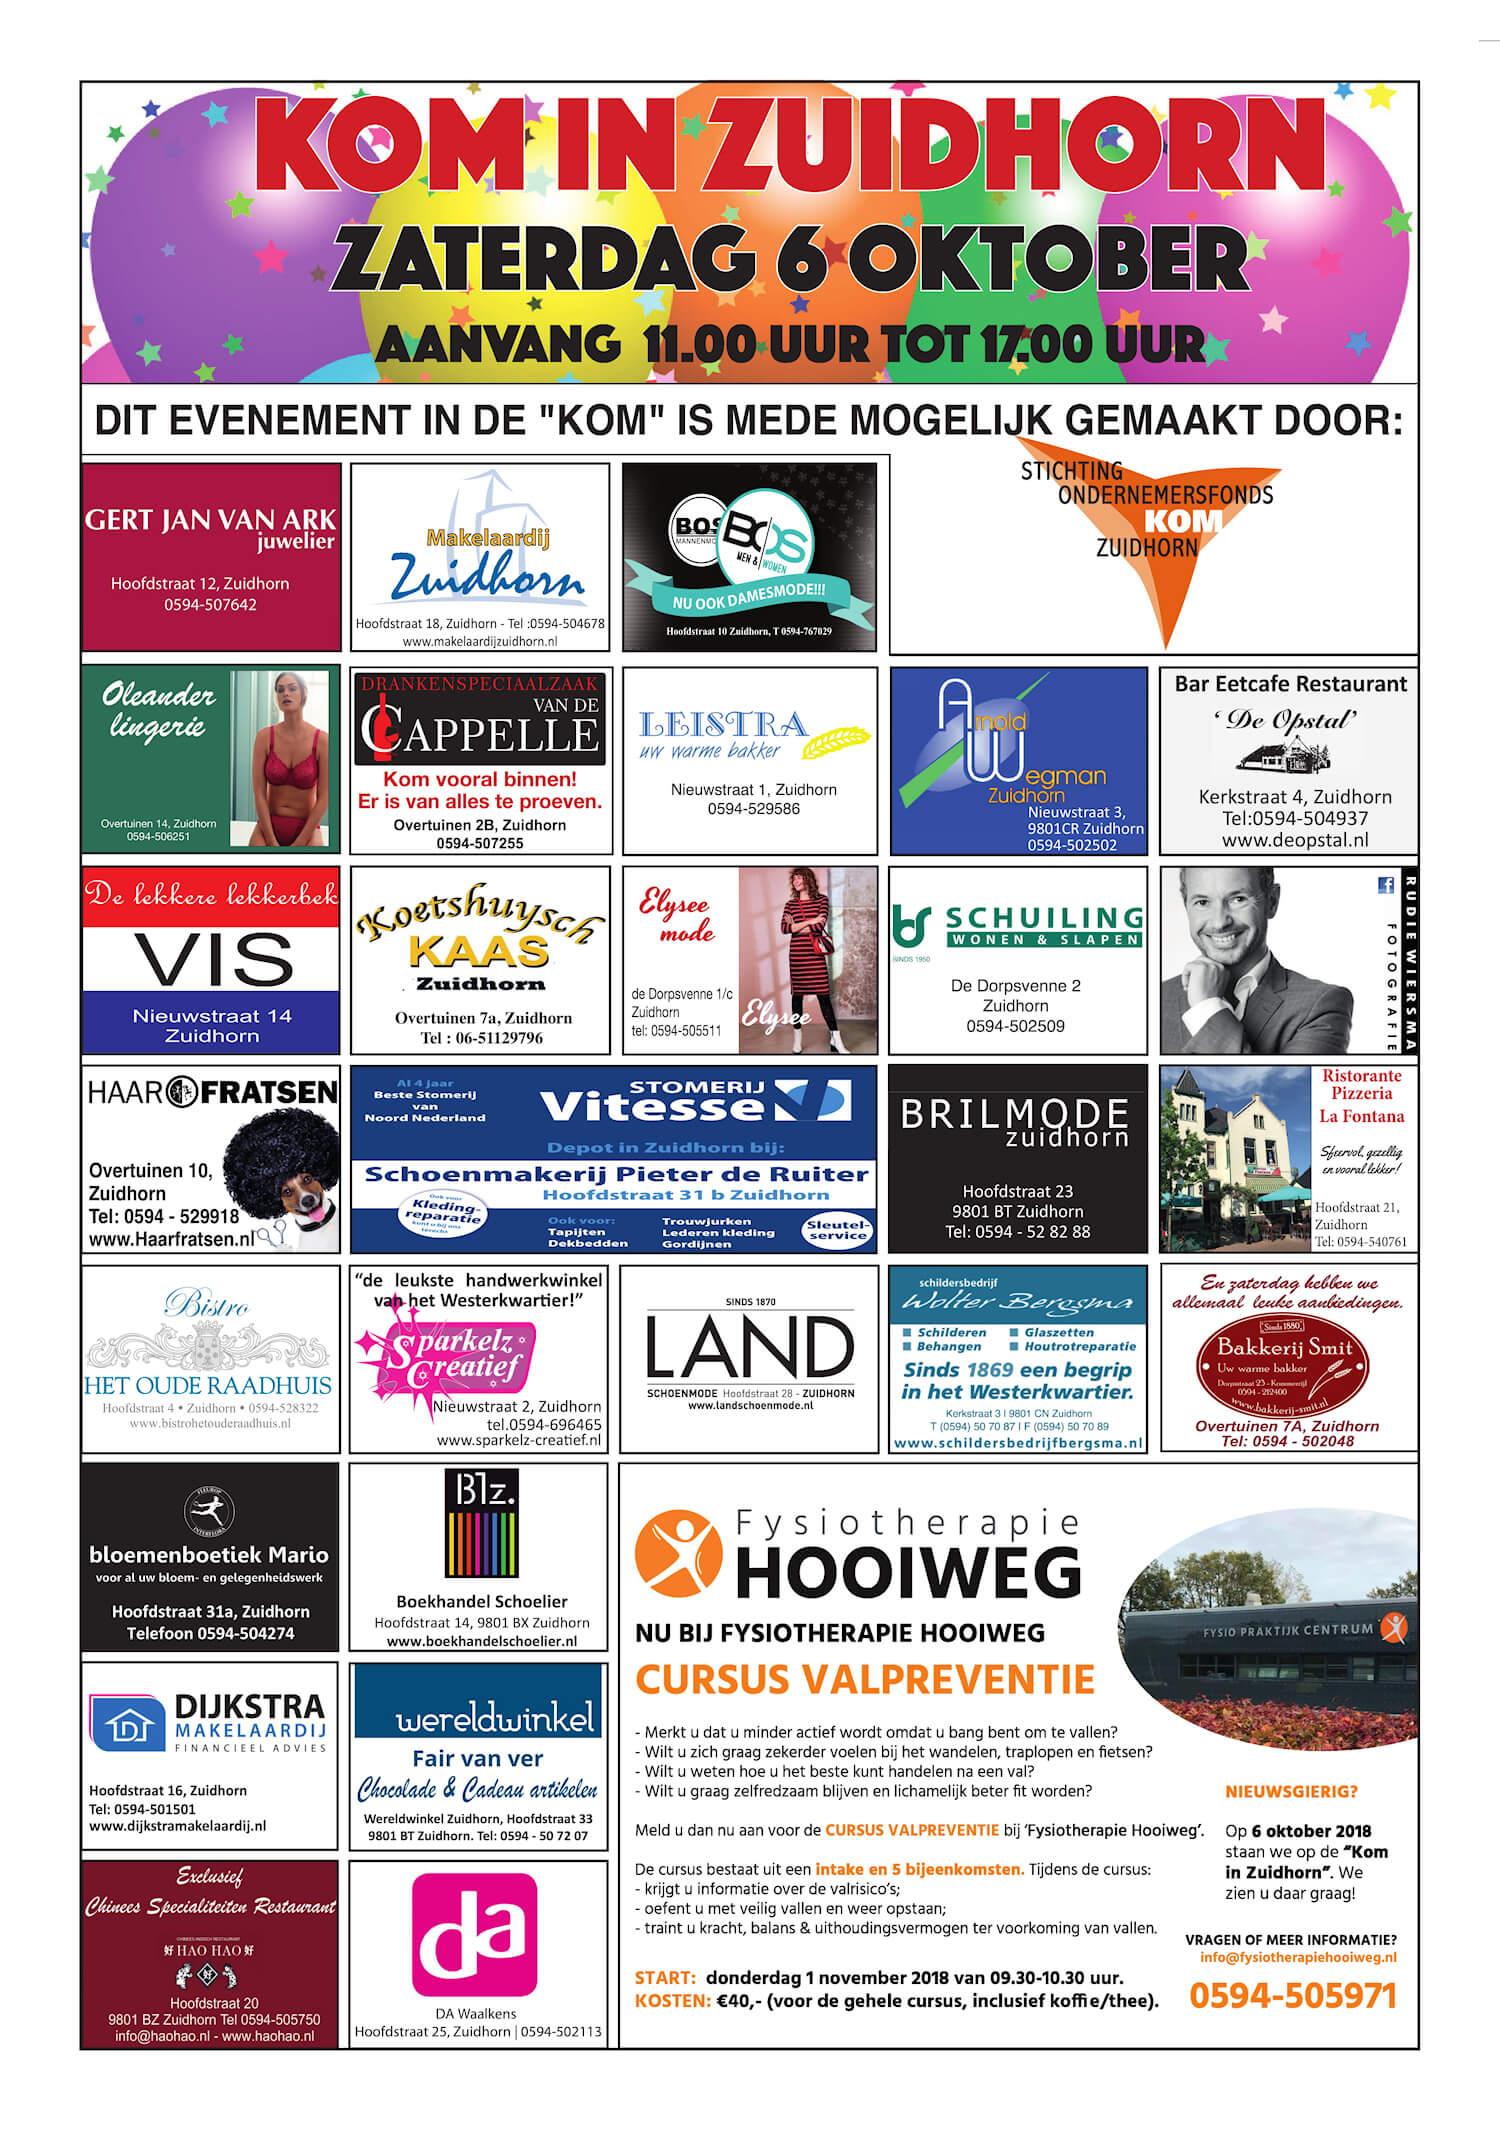 Drukkerij Hekkema - Zuidhorn - Zaken die uw aandacht vragen - 2018 week 40